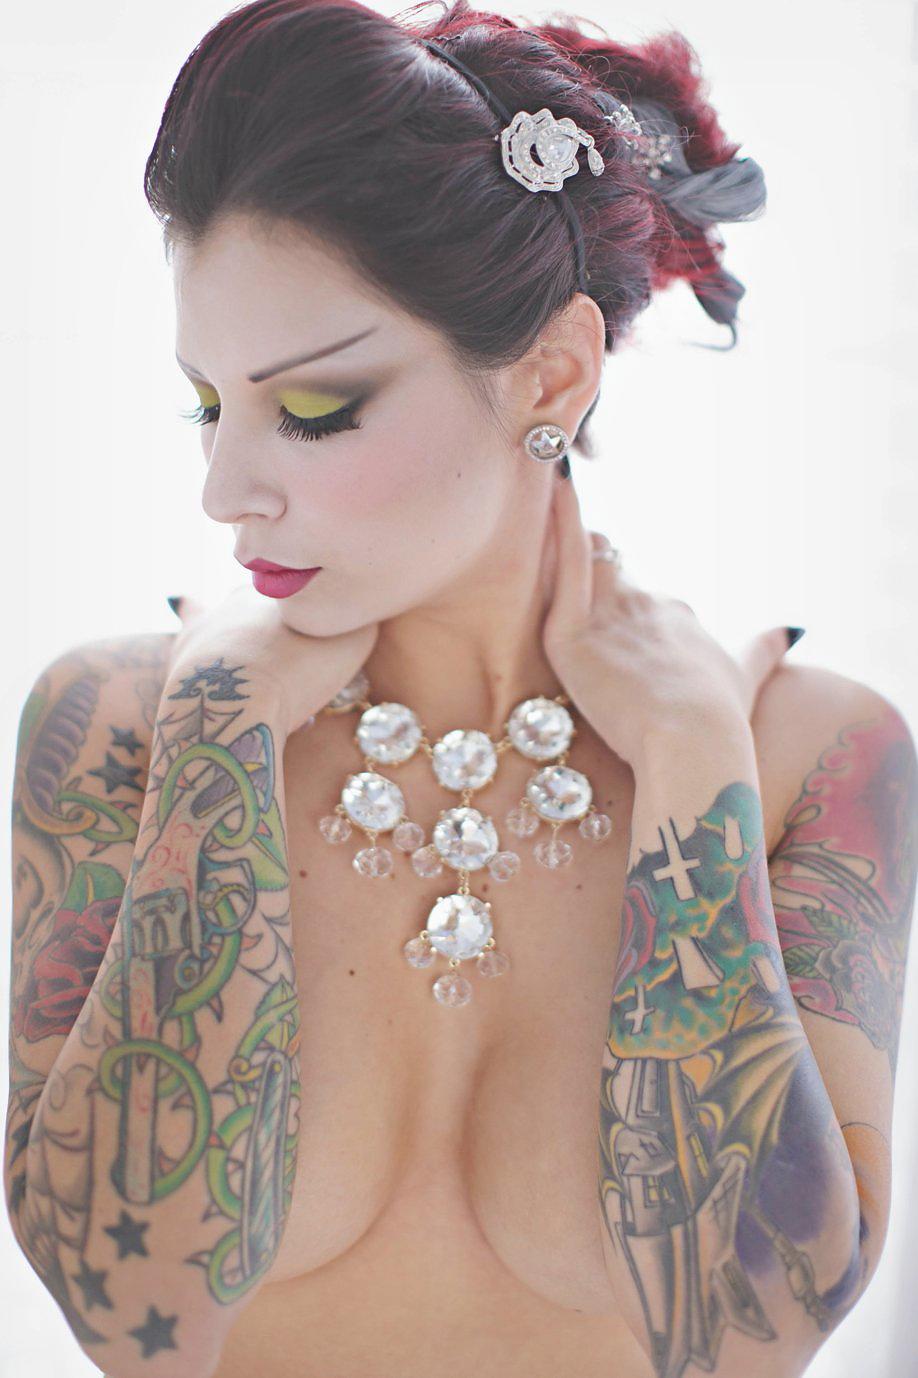 Veronica Gomez Nude Photos 22